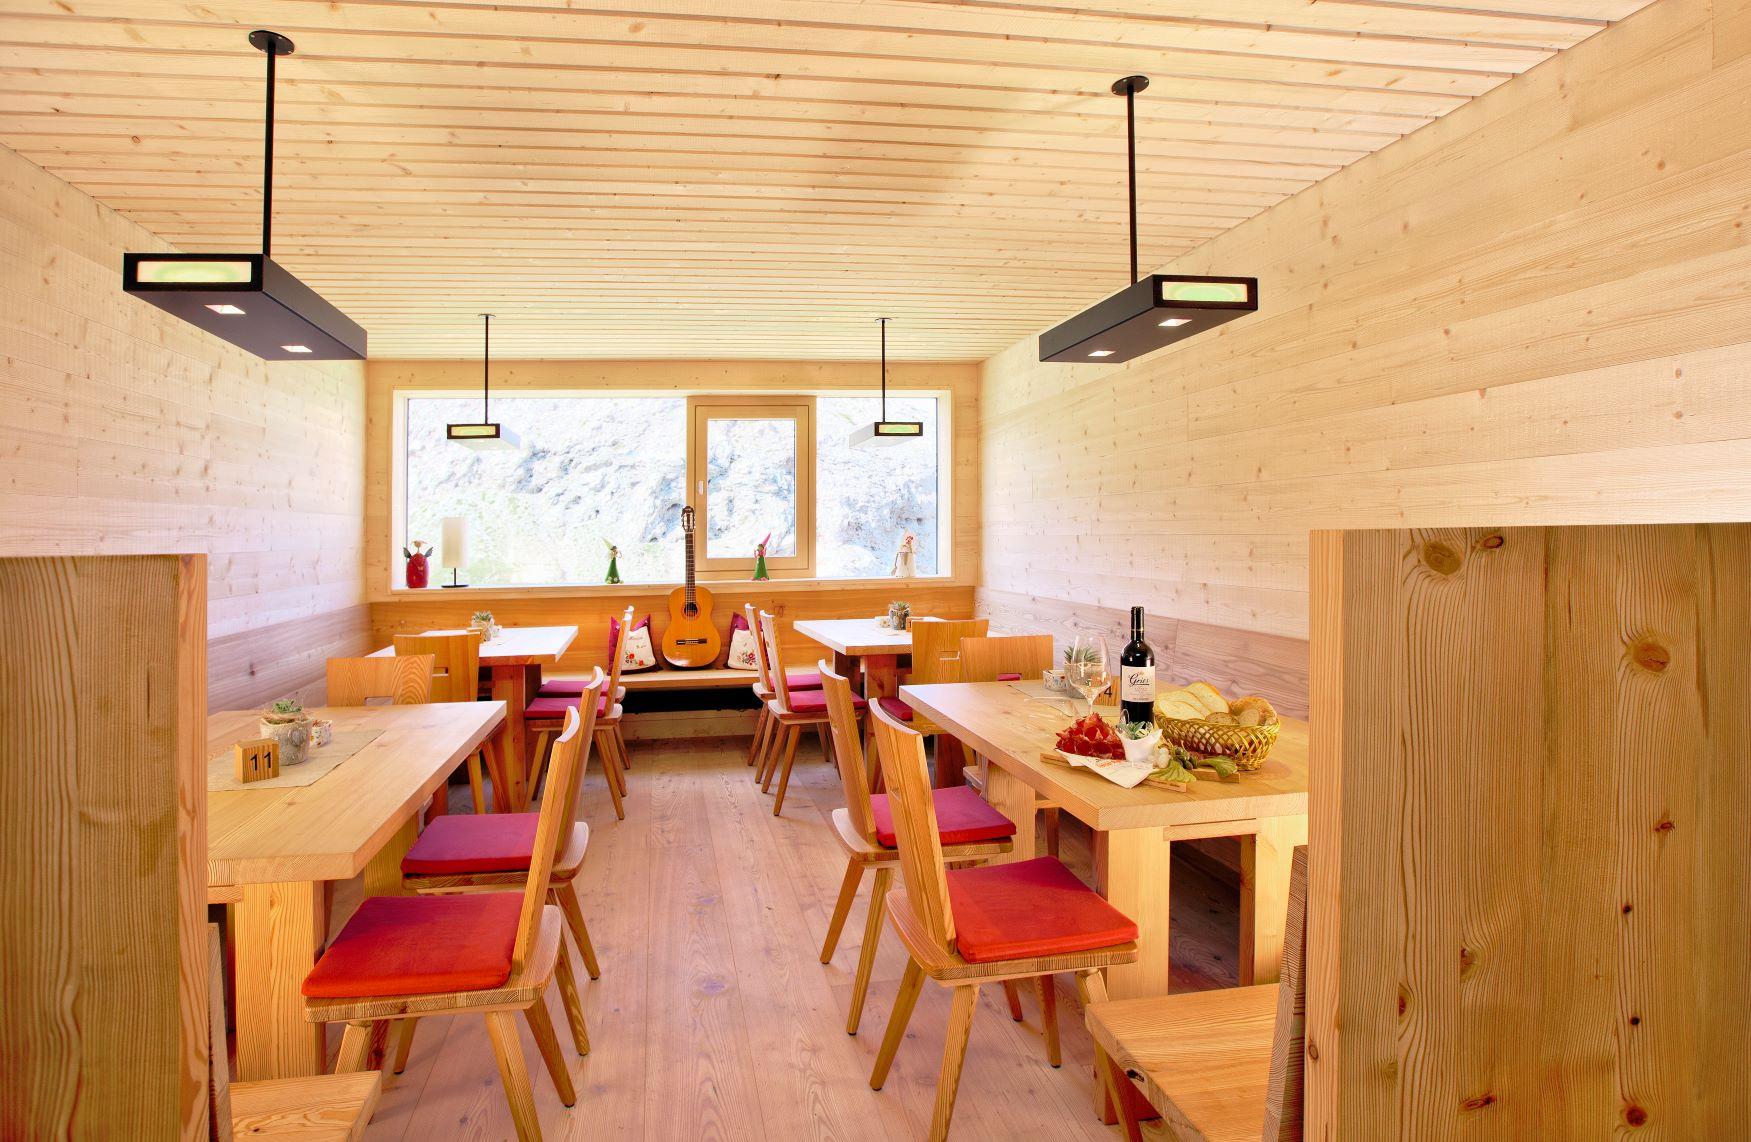 改装され、新しくなったアルペ・ディ・ティレス小屋のレストラン